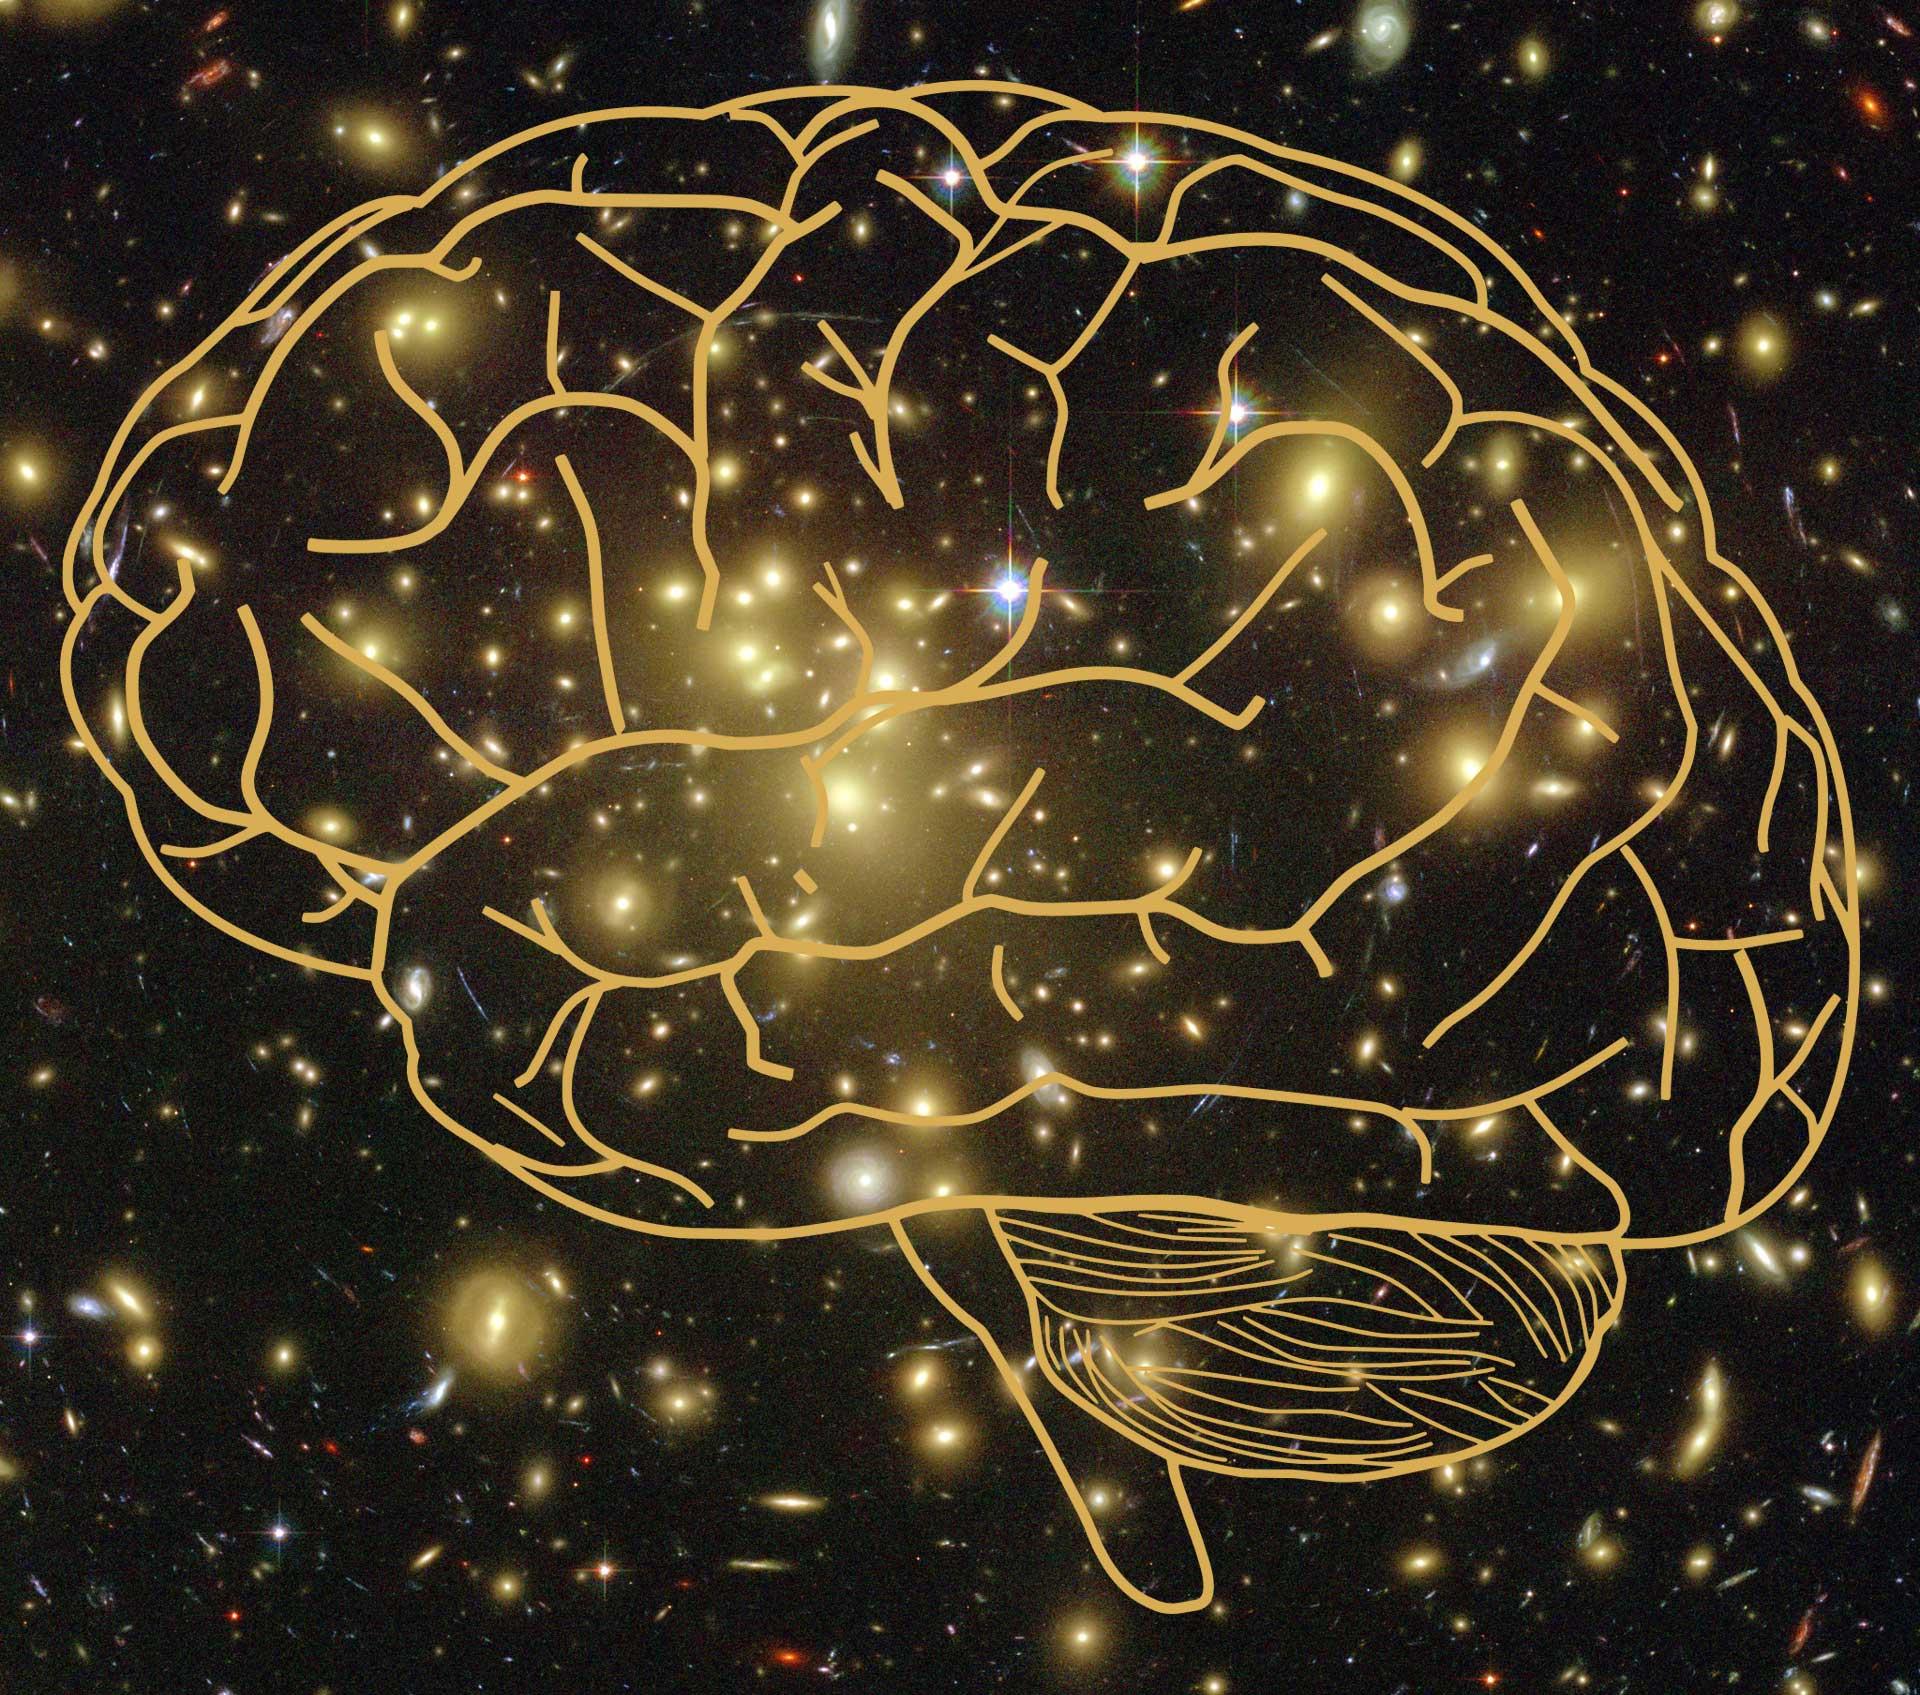 image e Consciousness